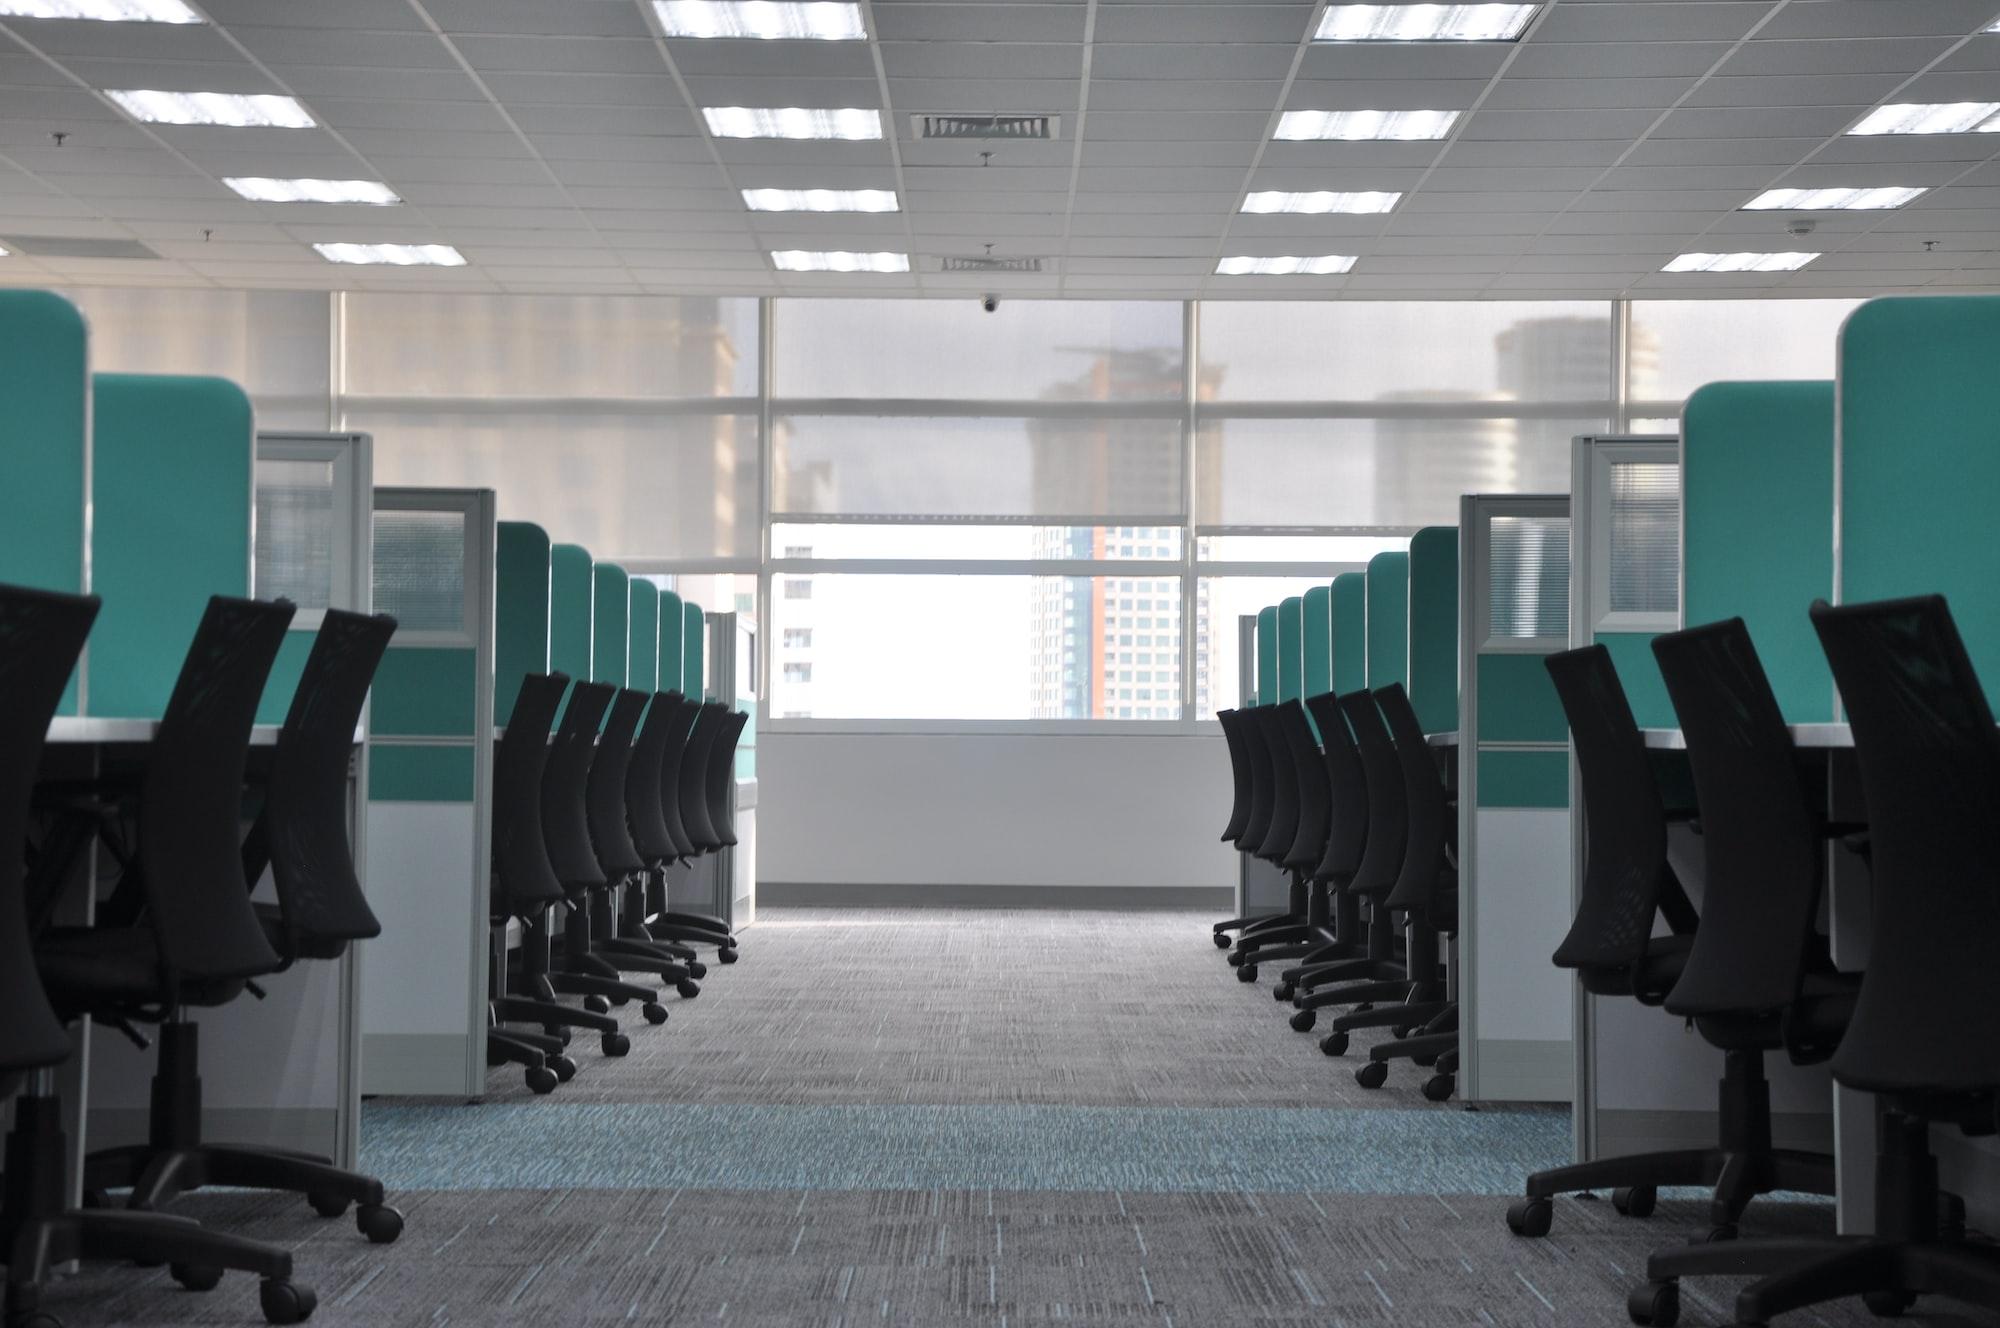 बल्ले-बल्ले! कंपनी भारत की, विदेश में मुख्यालय, सप्ताह में सिर्फ 4 दिन काम